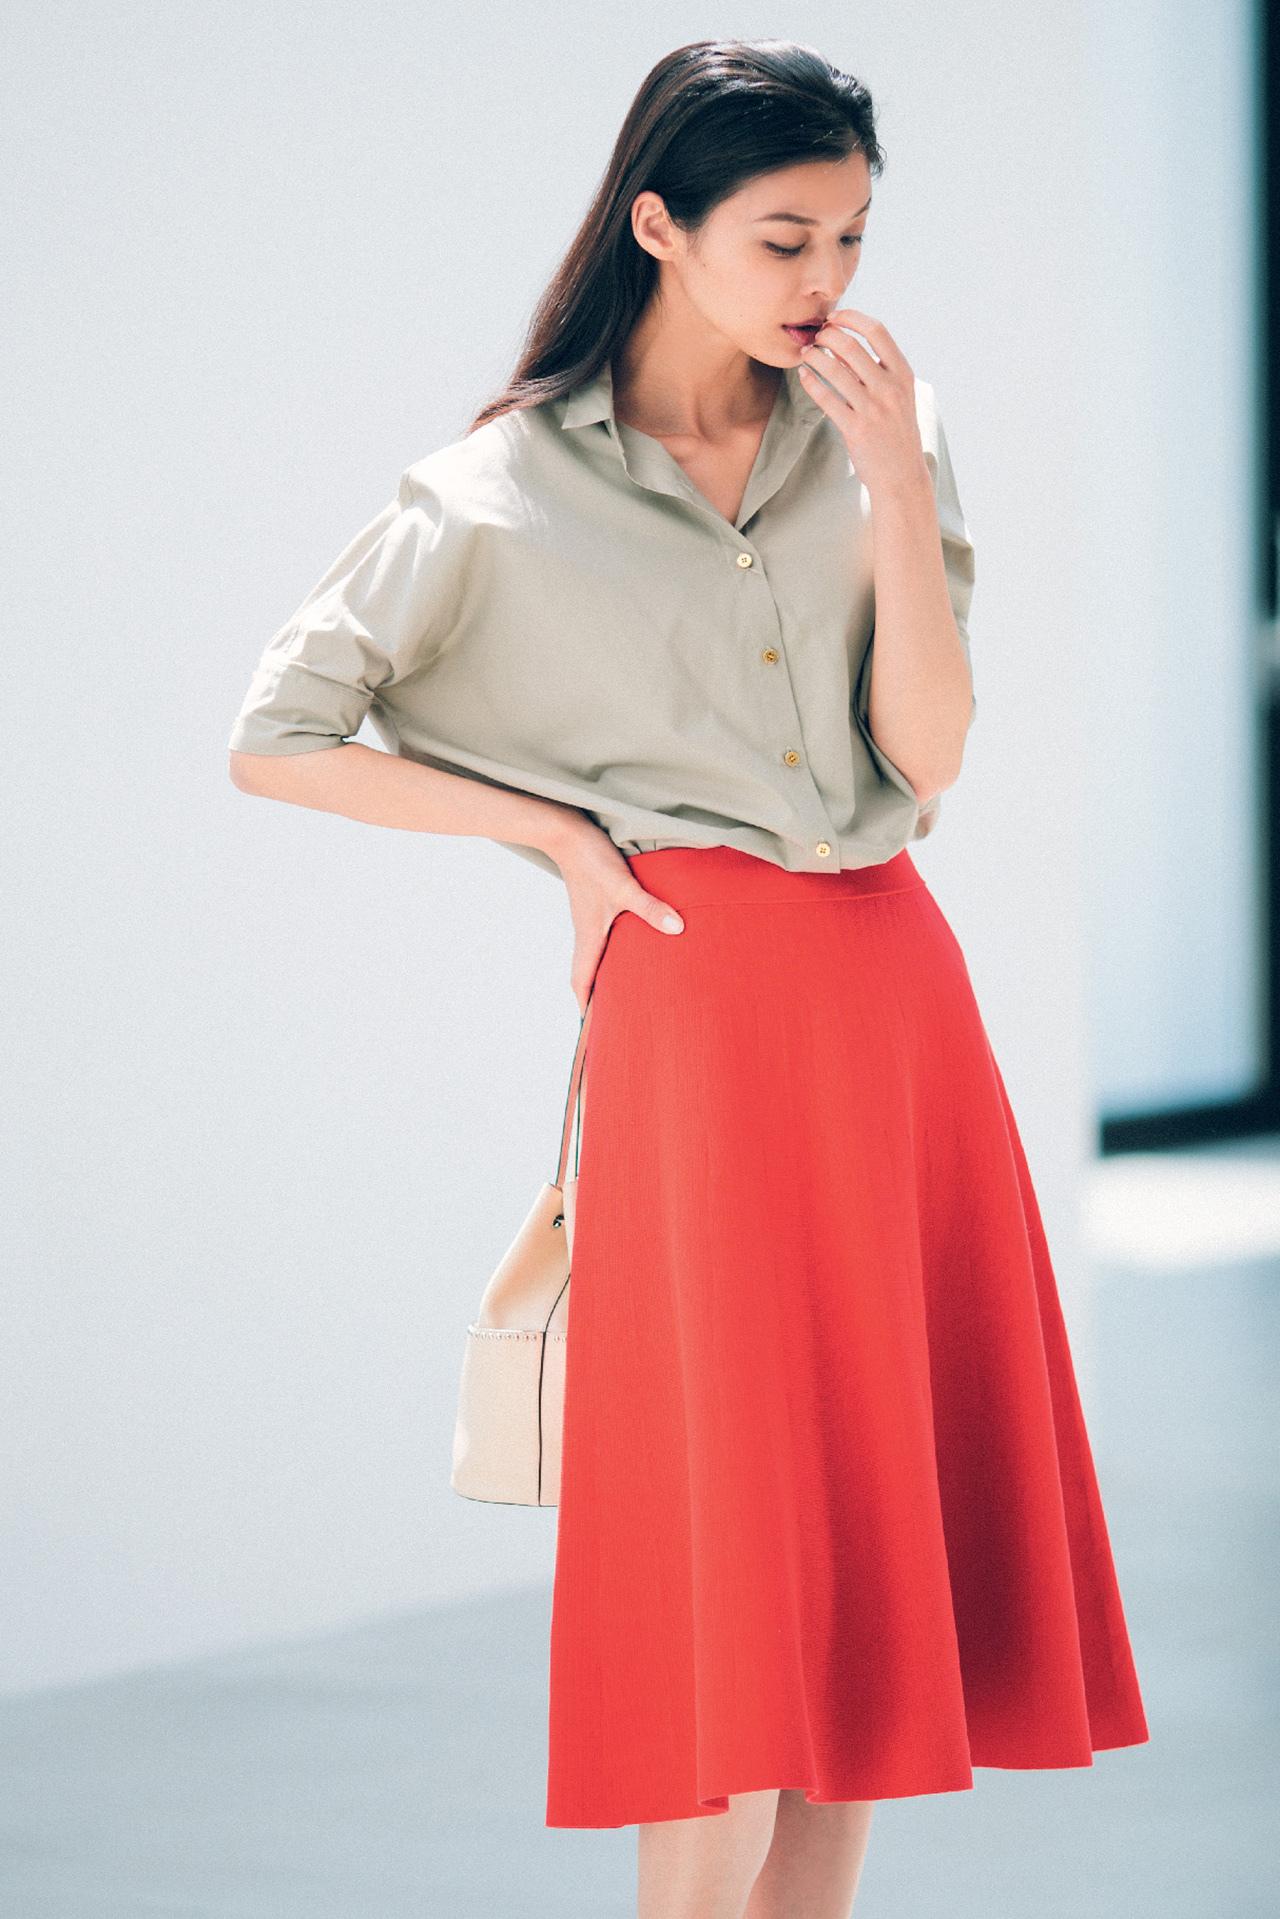 赤のもつ女らしさを、ストレートに発揮できるスカート 五選_1_1-5